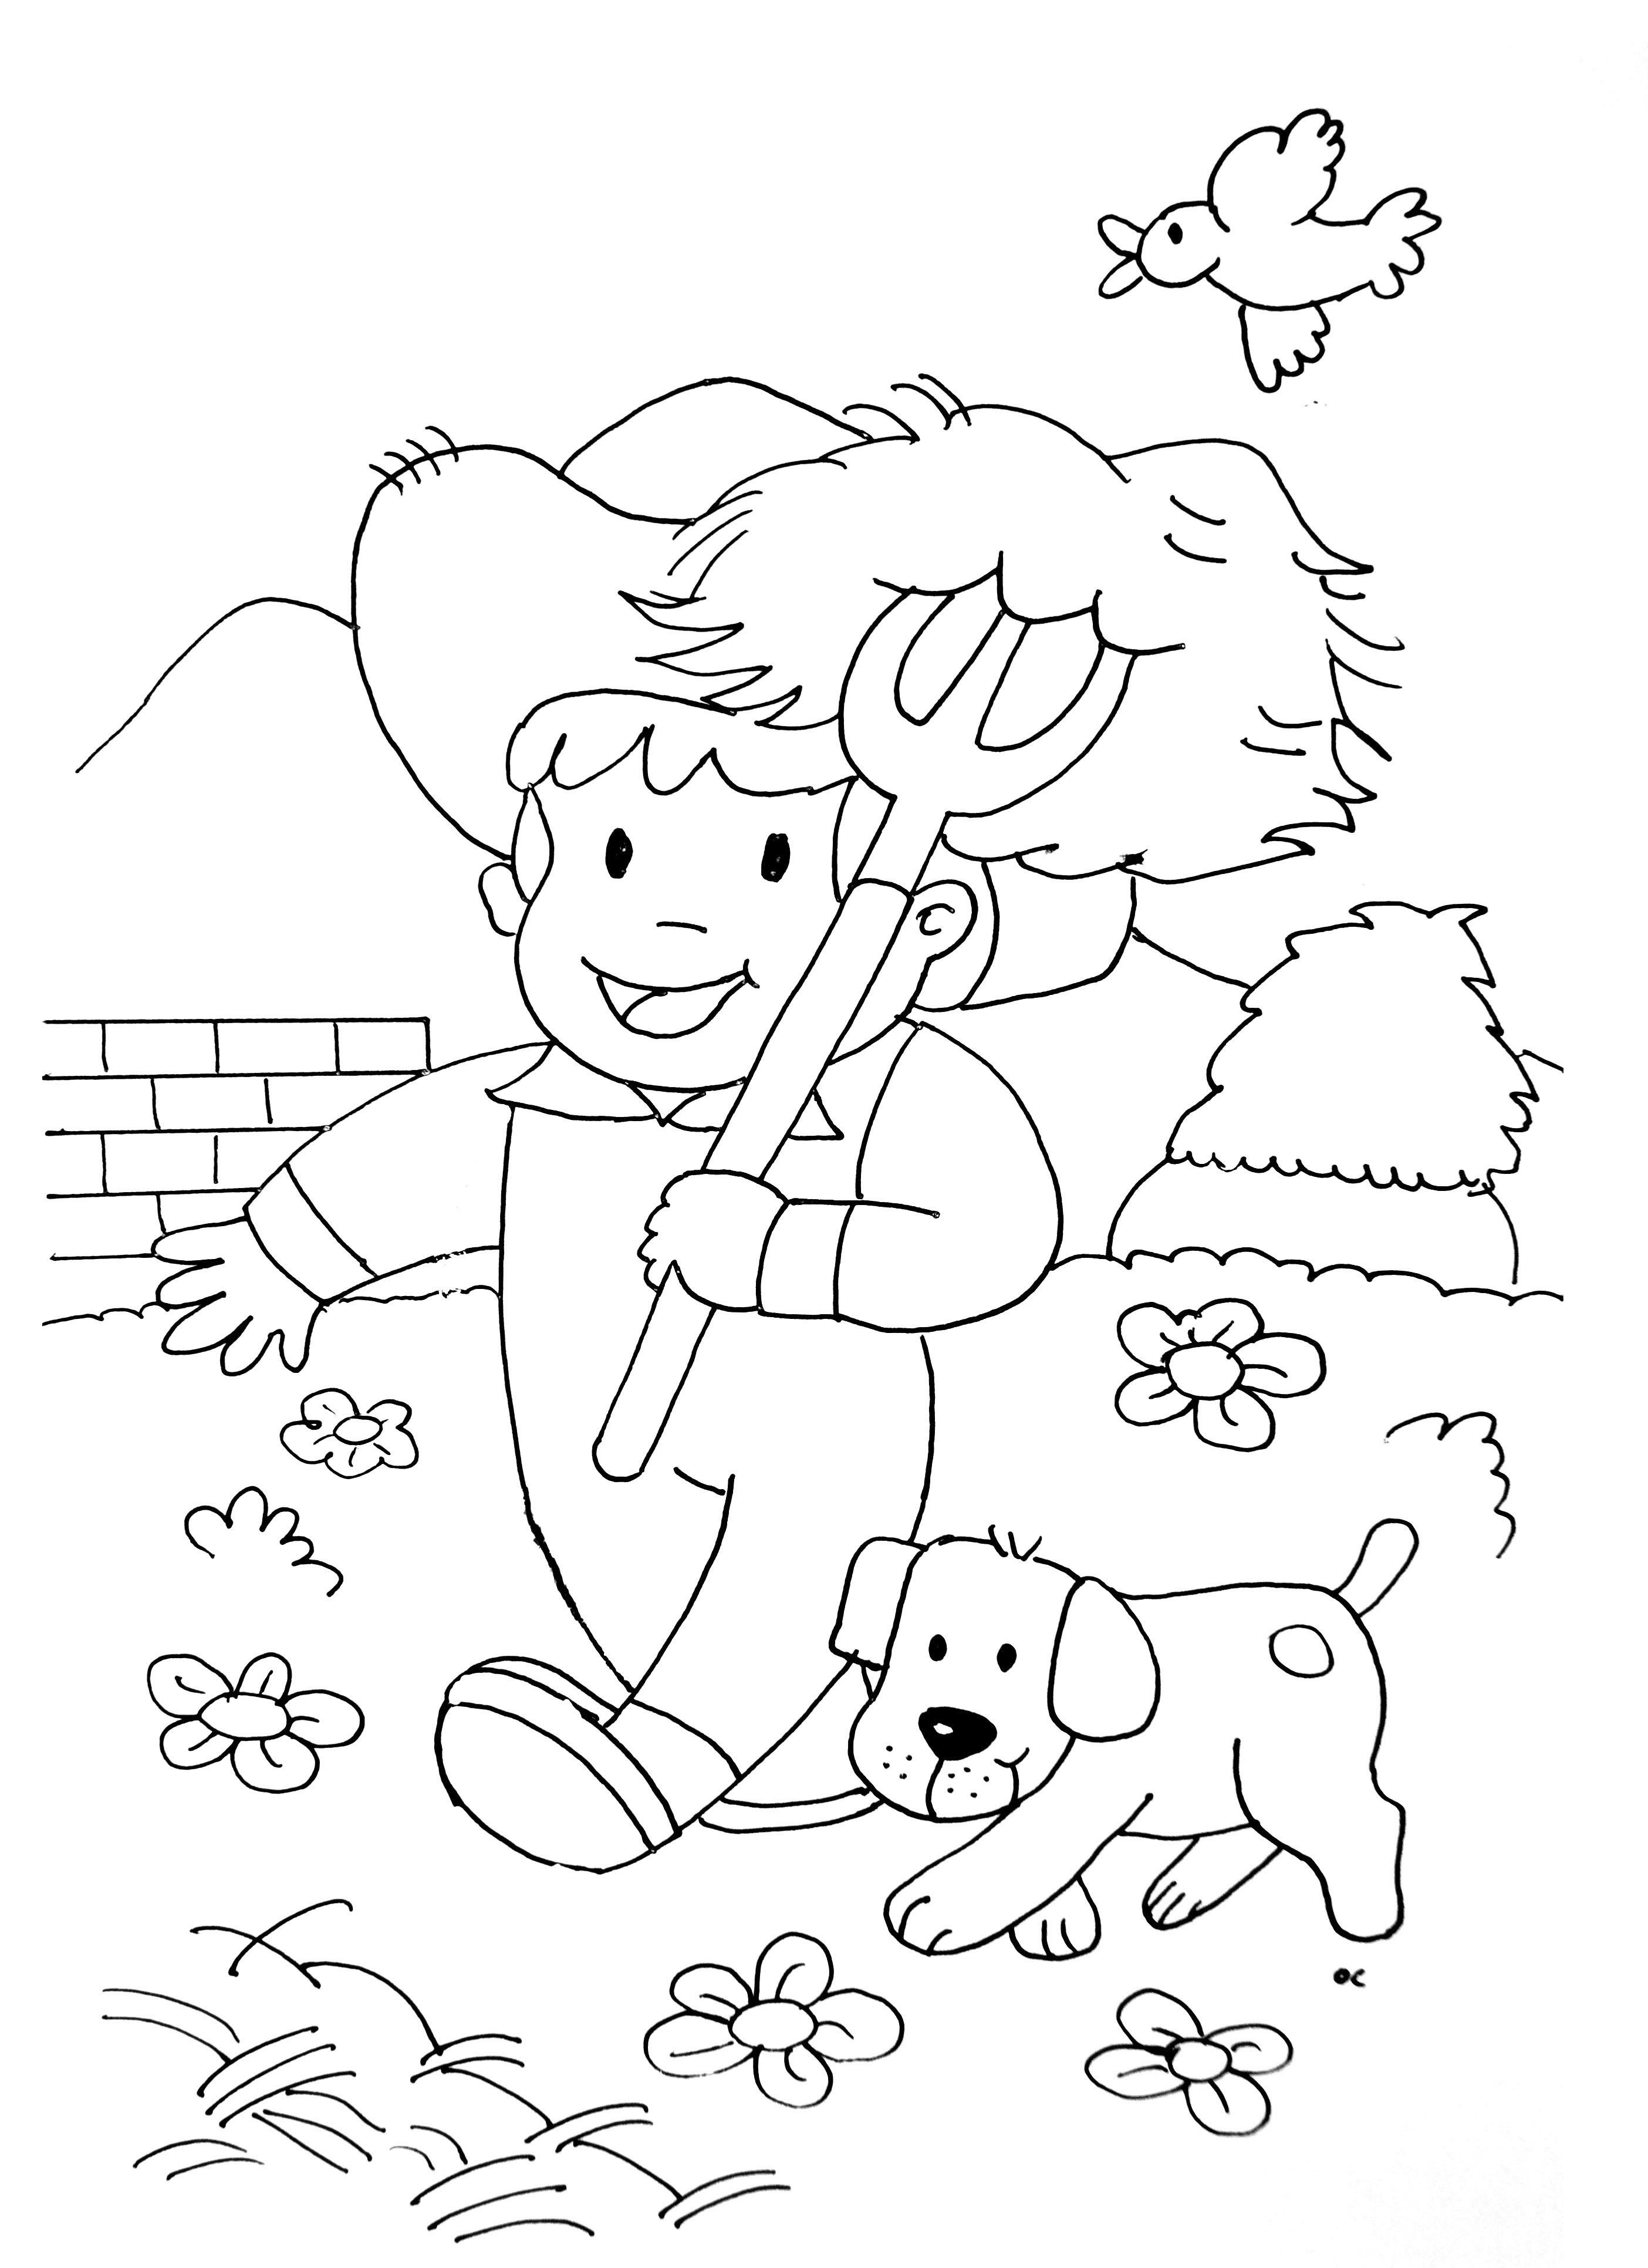 A imprimer chats 12 coloriage sur la ferme tracteurs - Imprimer dessin enfant ...